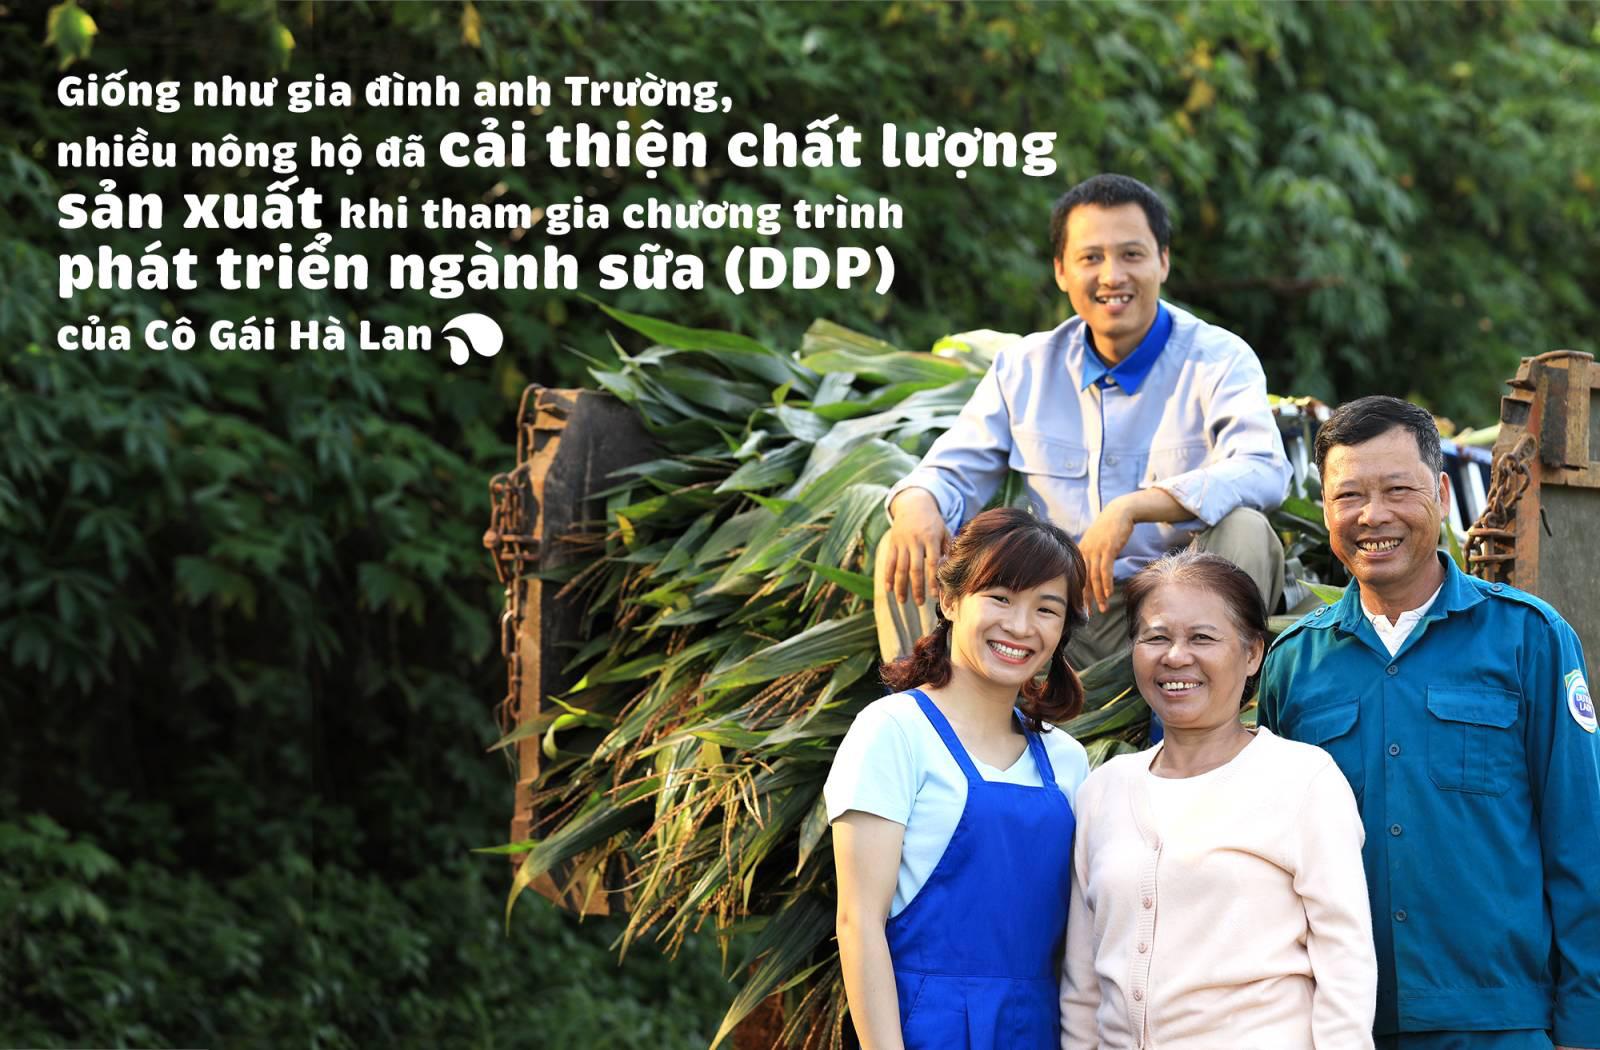 Theo chân nhiếp ảnh gia nổi tiếng: Bất ngờ trước nỗ lực sản xuất dòng sữa chuẩn Hà Lan của nhiều thế hệ nông dân Việt - Ảnh 7.